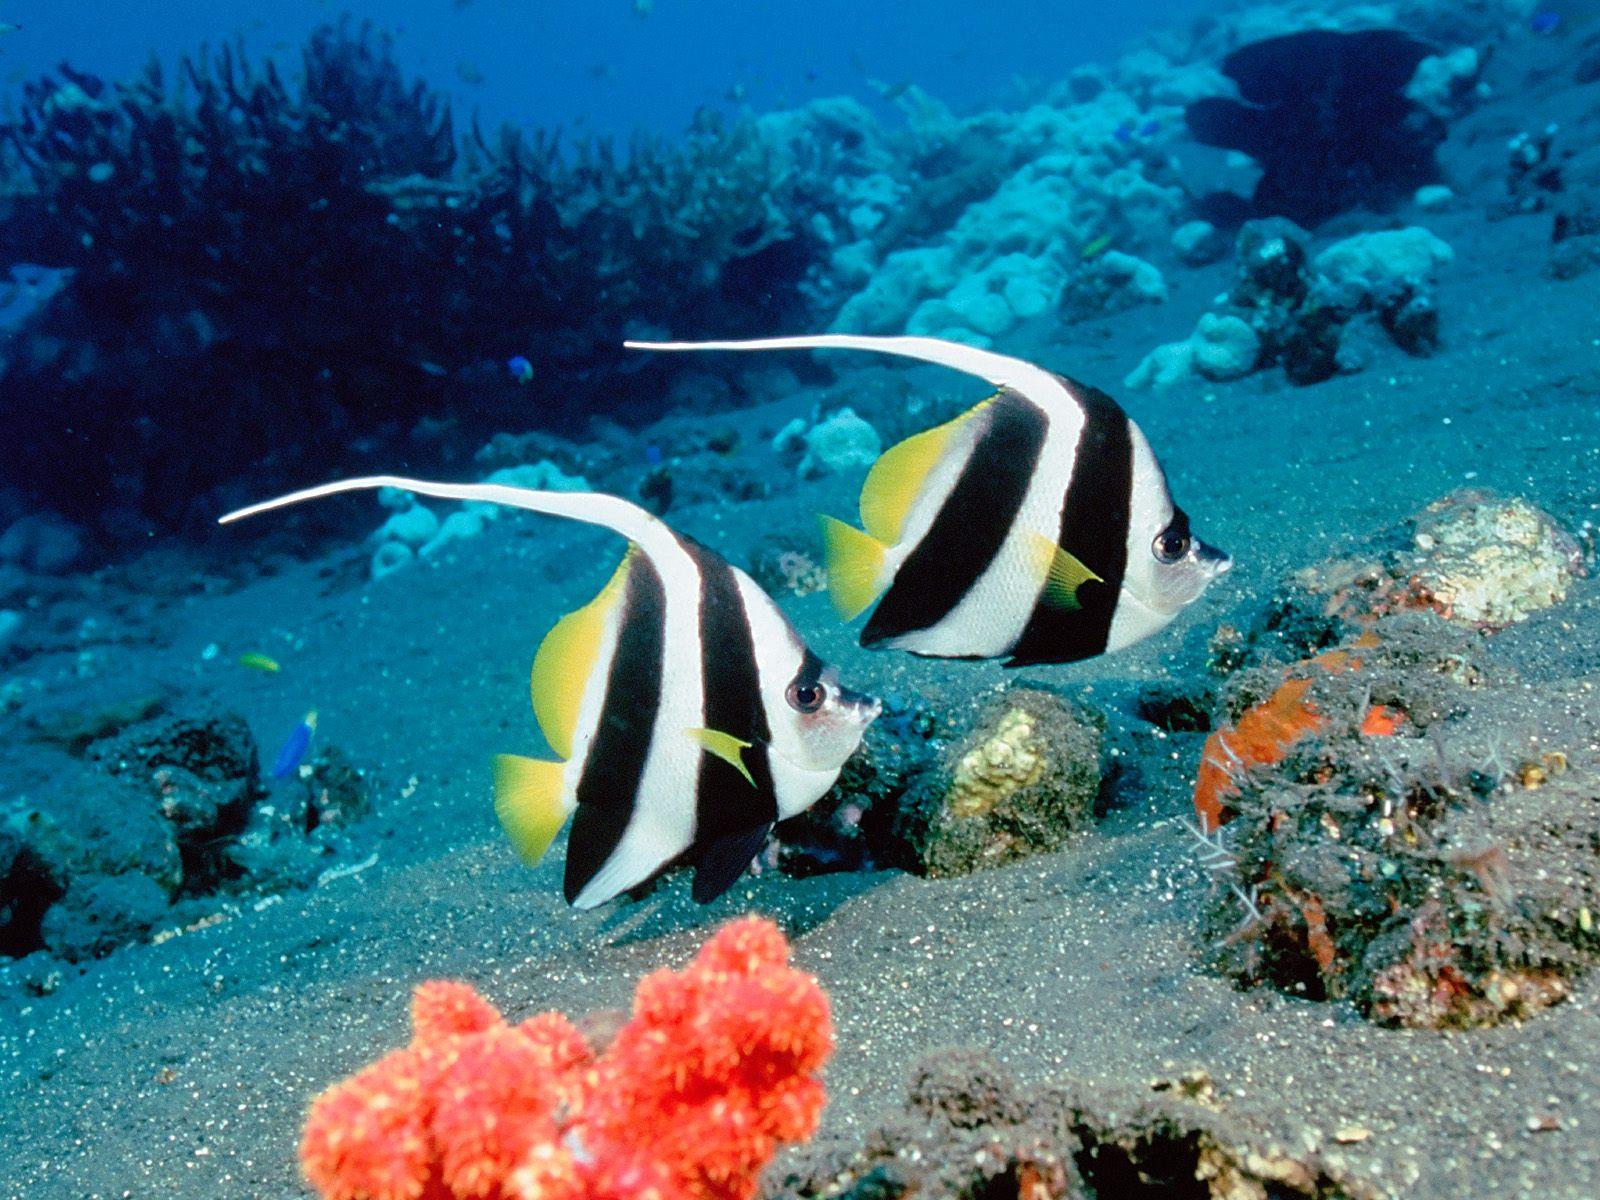 Deep Sea Underwater Wallpaper 1600x1200